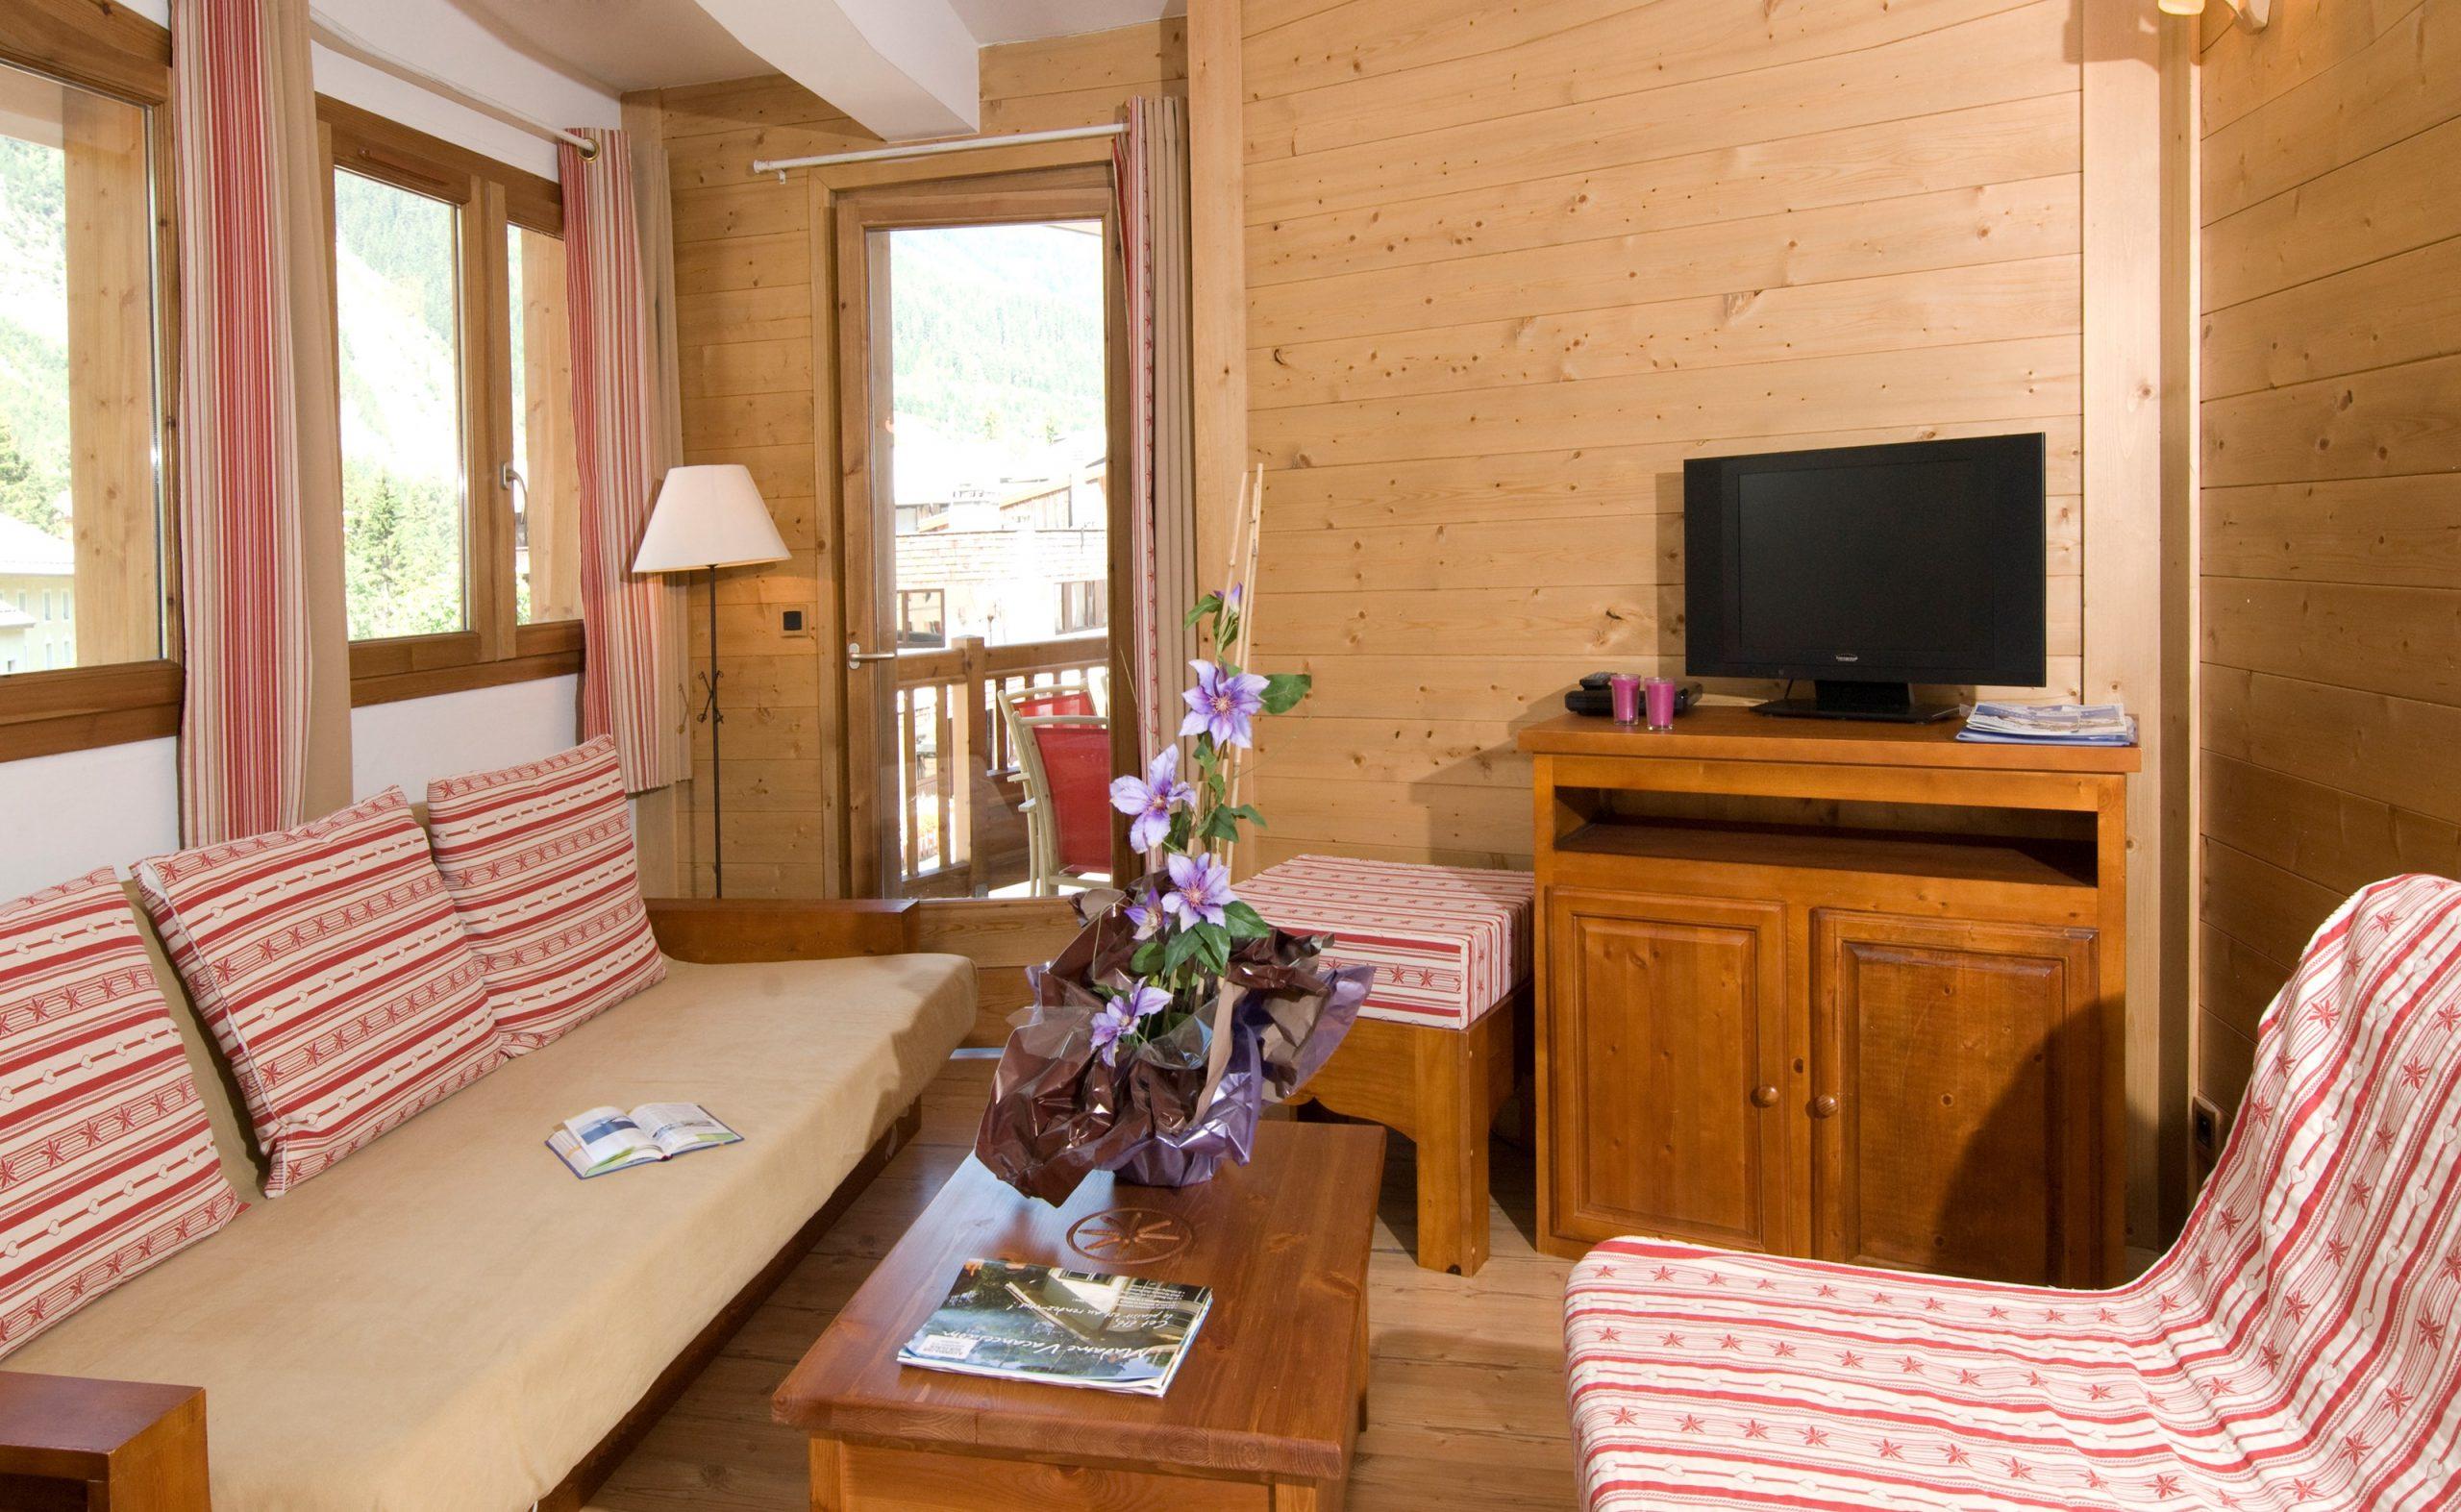 2 Br Apartment For 6 | Résidence Les Jardins De La Vanoise ... dedans Les Jardins De La Vanoise